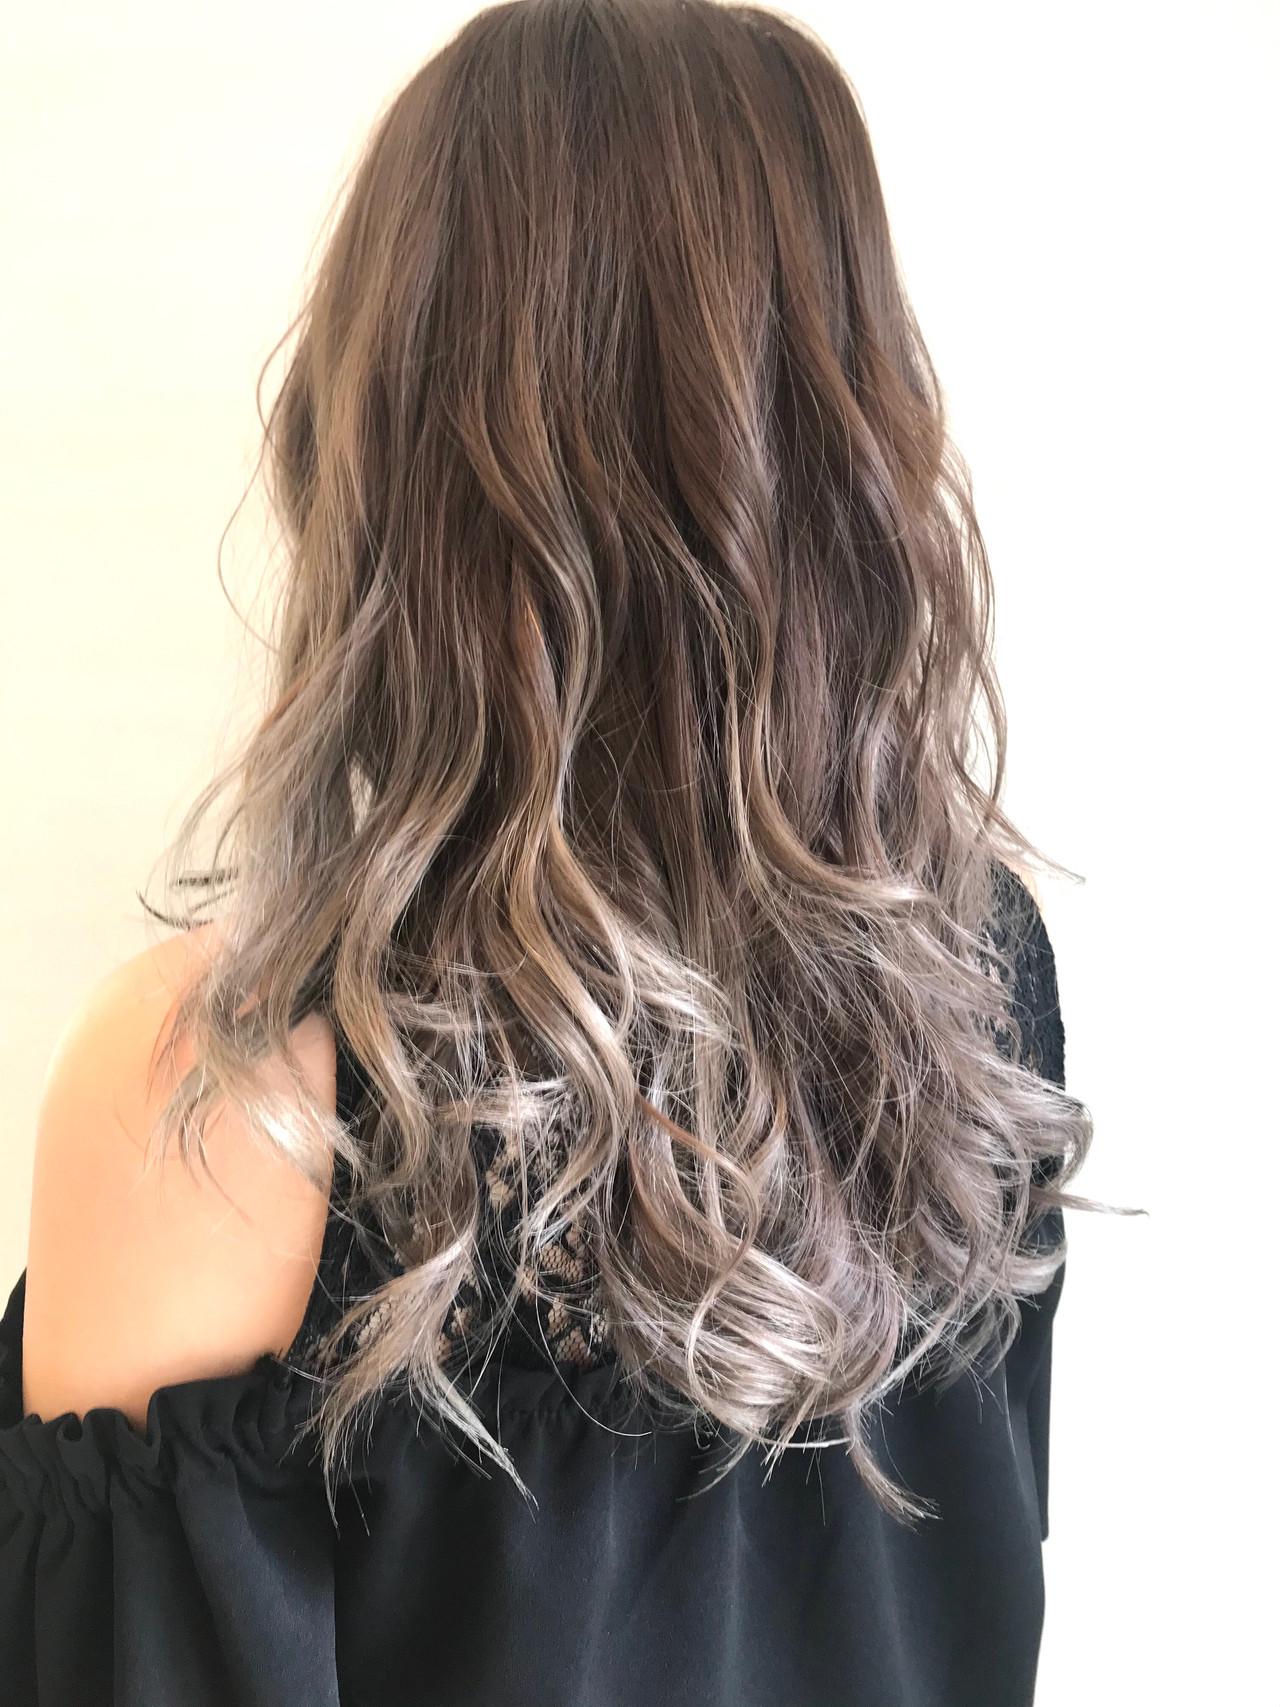 ストリート ミルクティーグレージュ 透明感カラー ロングヘアスタイルや髪型の写真・画像